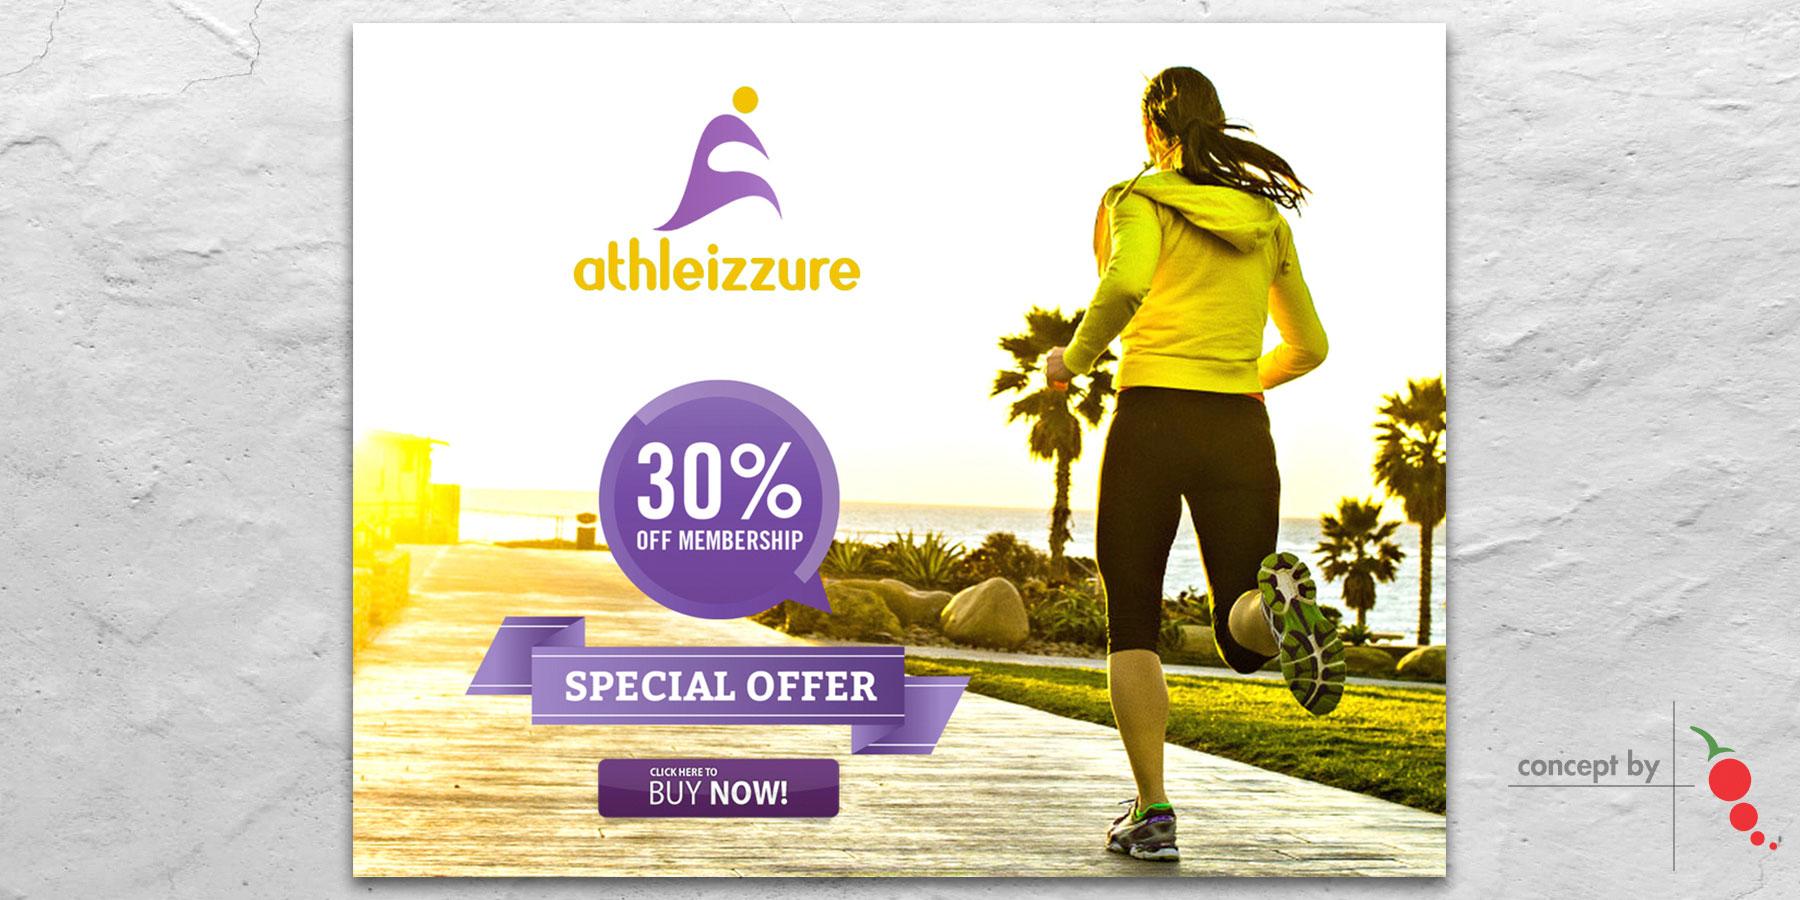 Athleizzure